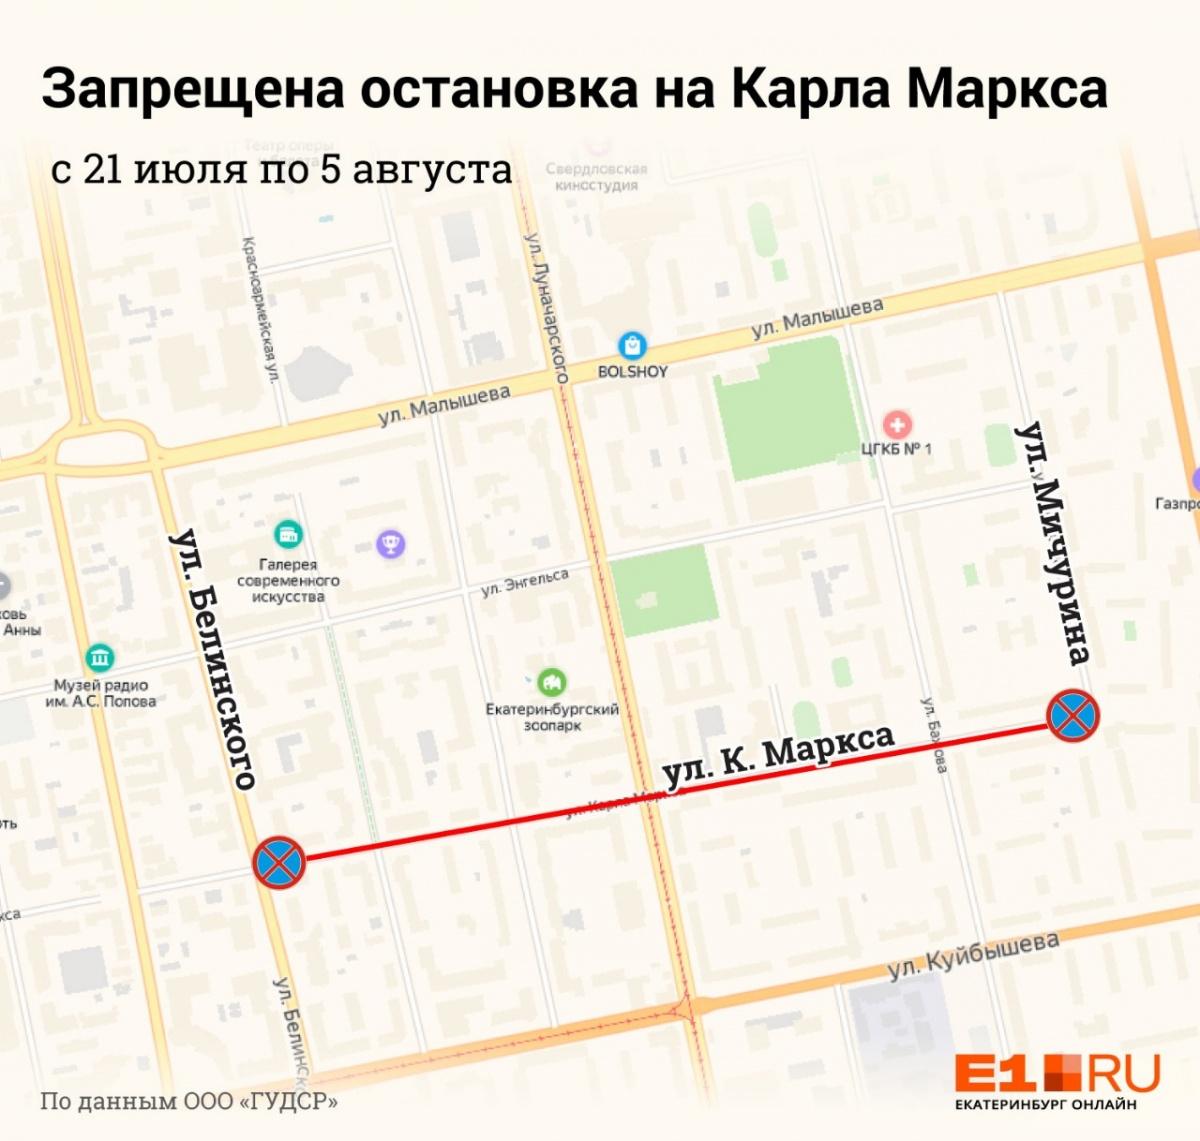 Эвакуаторы будут близко: на улице в центре Екатеринбурга запретят парковку автомобилей